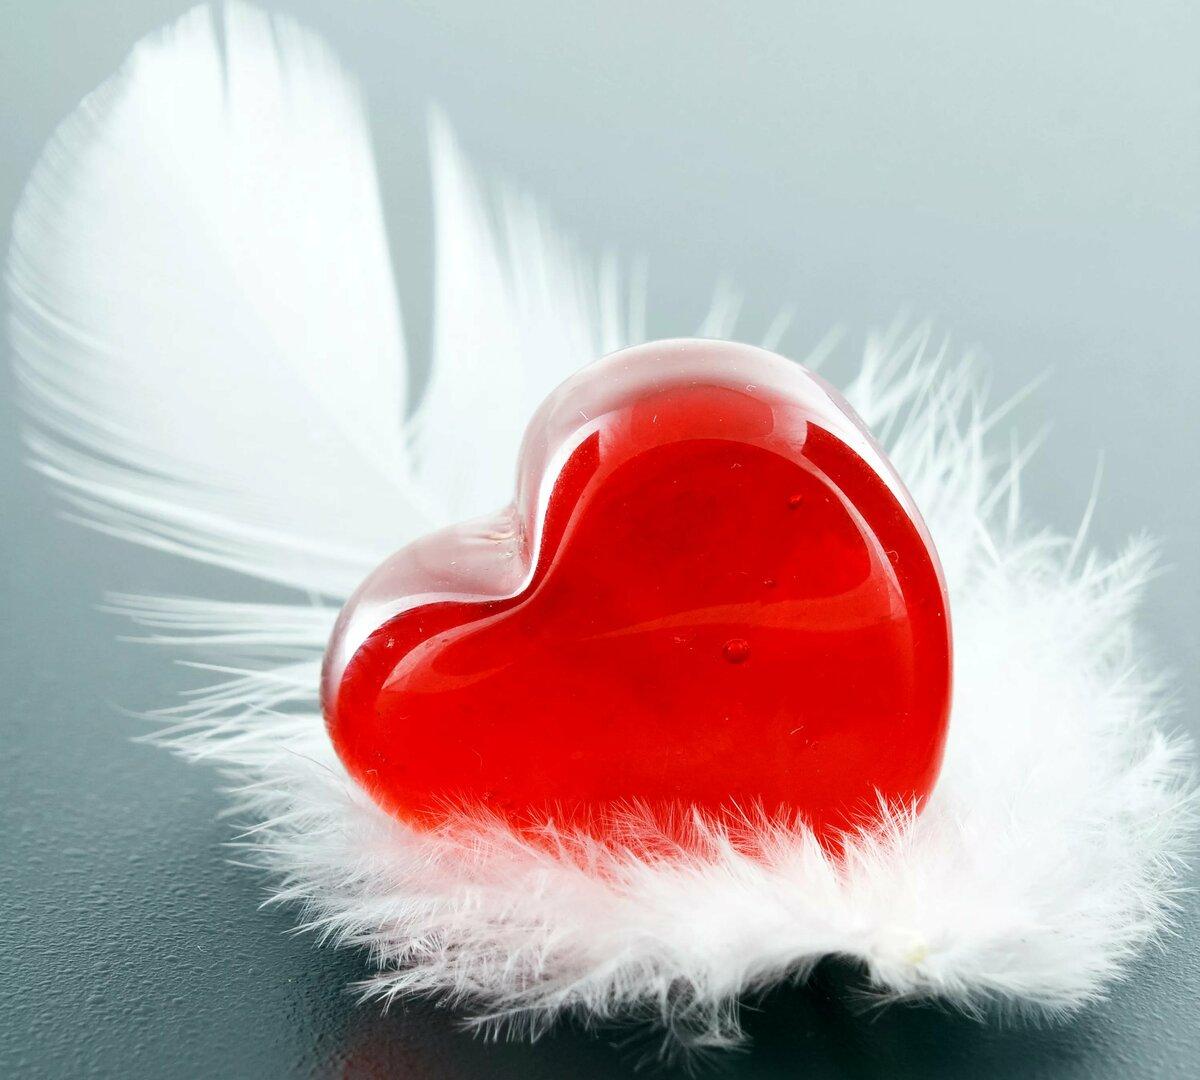 Картинка в самое сердце